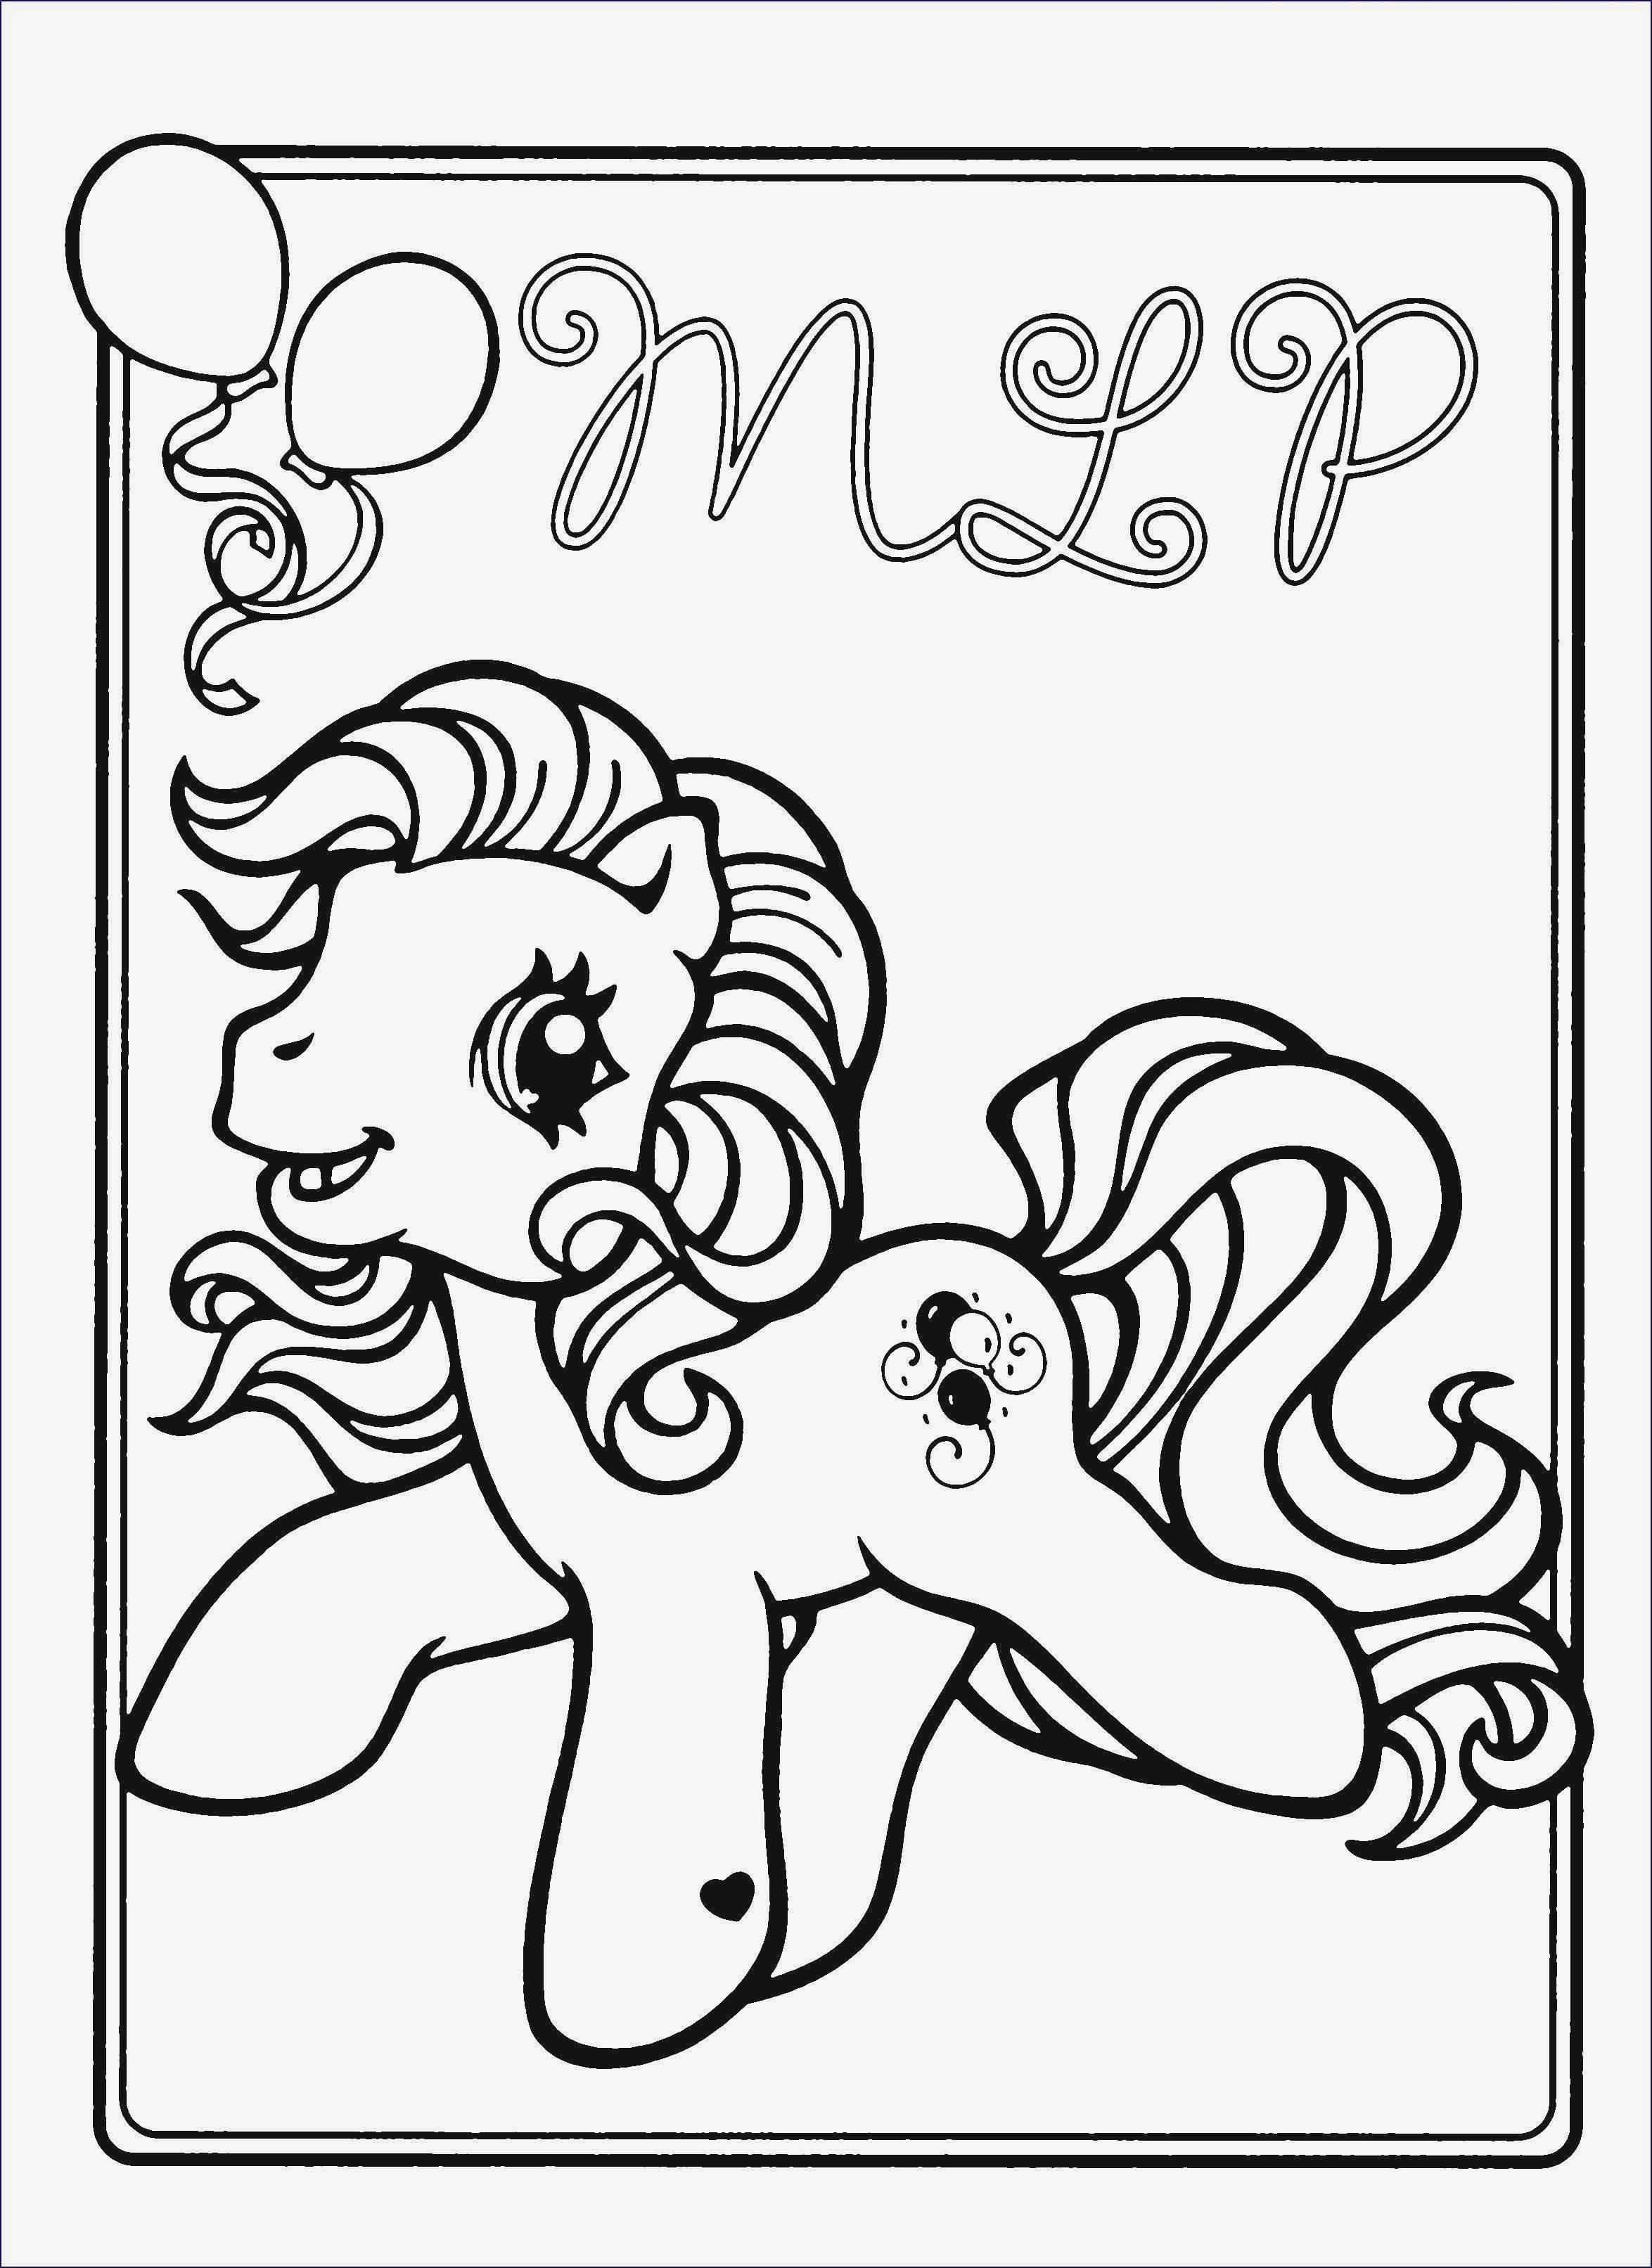 My Little Pony Pinkie Pie Ausmalbilder Einzigartig 25 Druckbar Malvorlagen Prinzessin Celestia Bilder